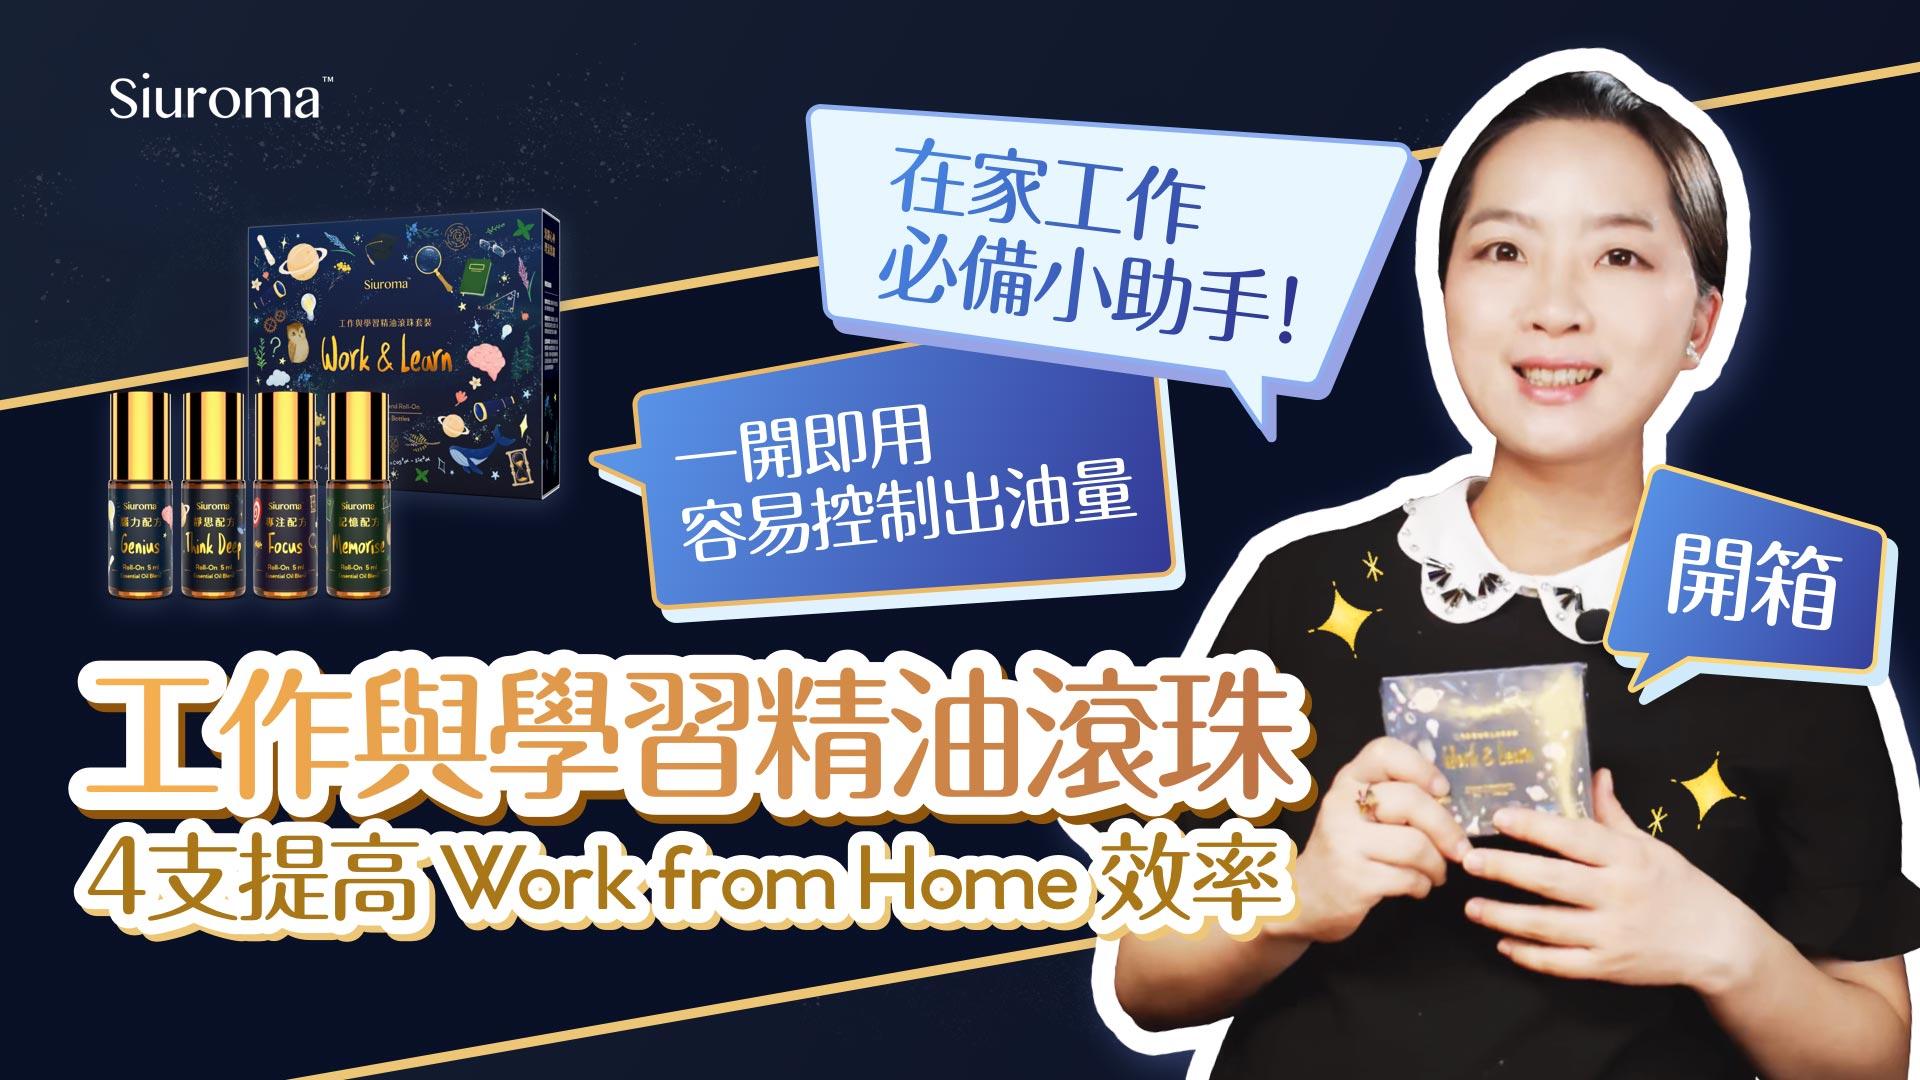 讓上班族和學生進入高效的工作和學習狀態、在家工作學習的小助手|隨時隨地可立即使用的精油產品 | Work & Learn 工作與學習精油滾珠套裝